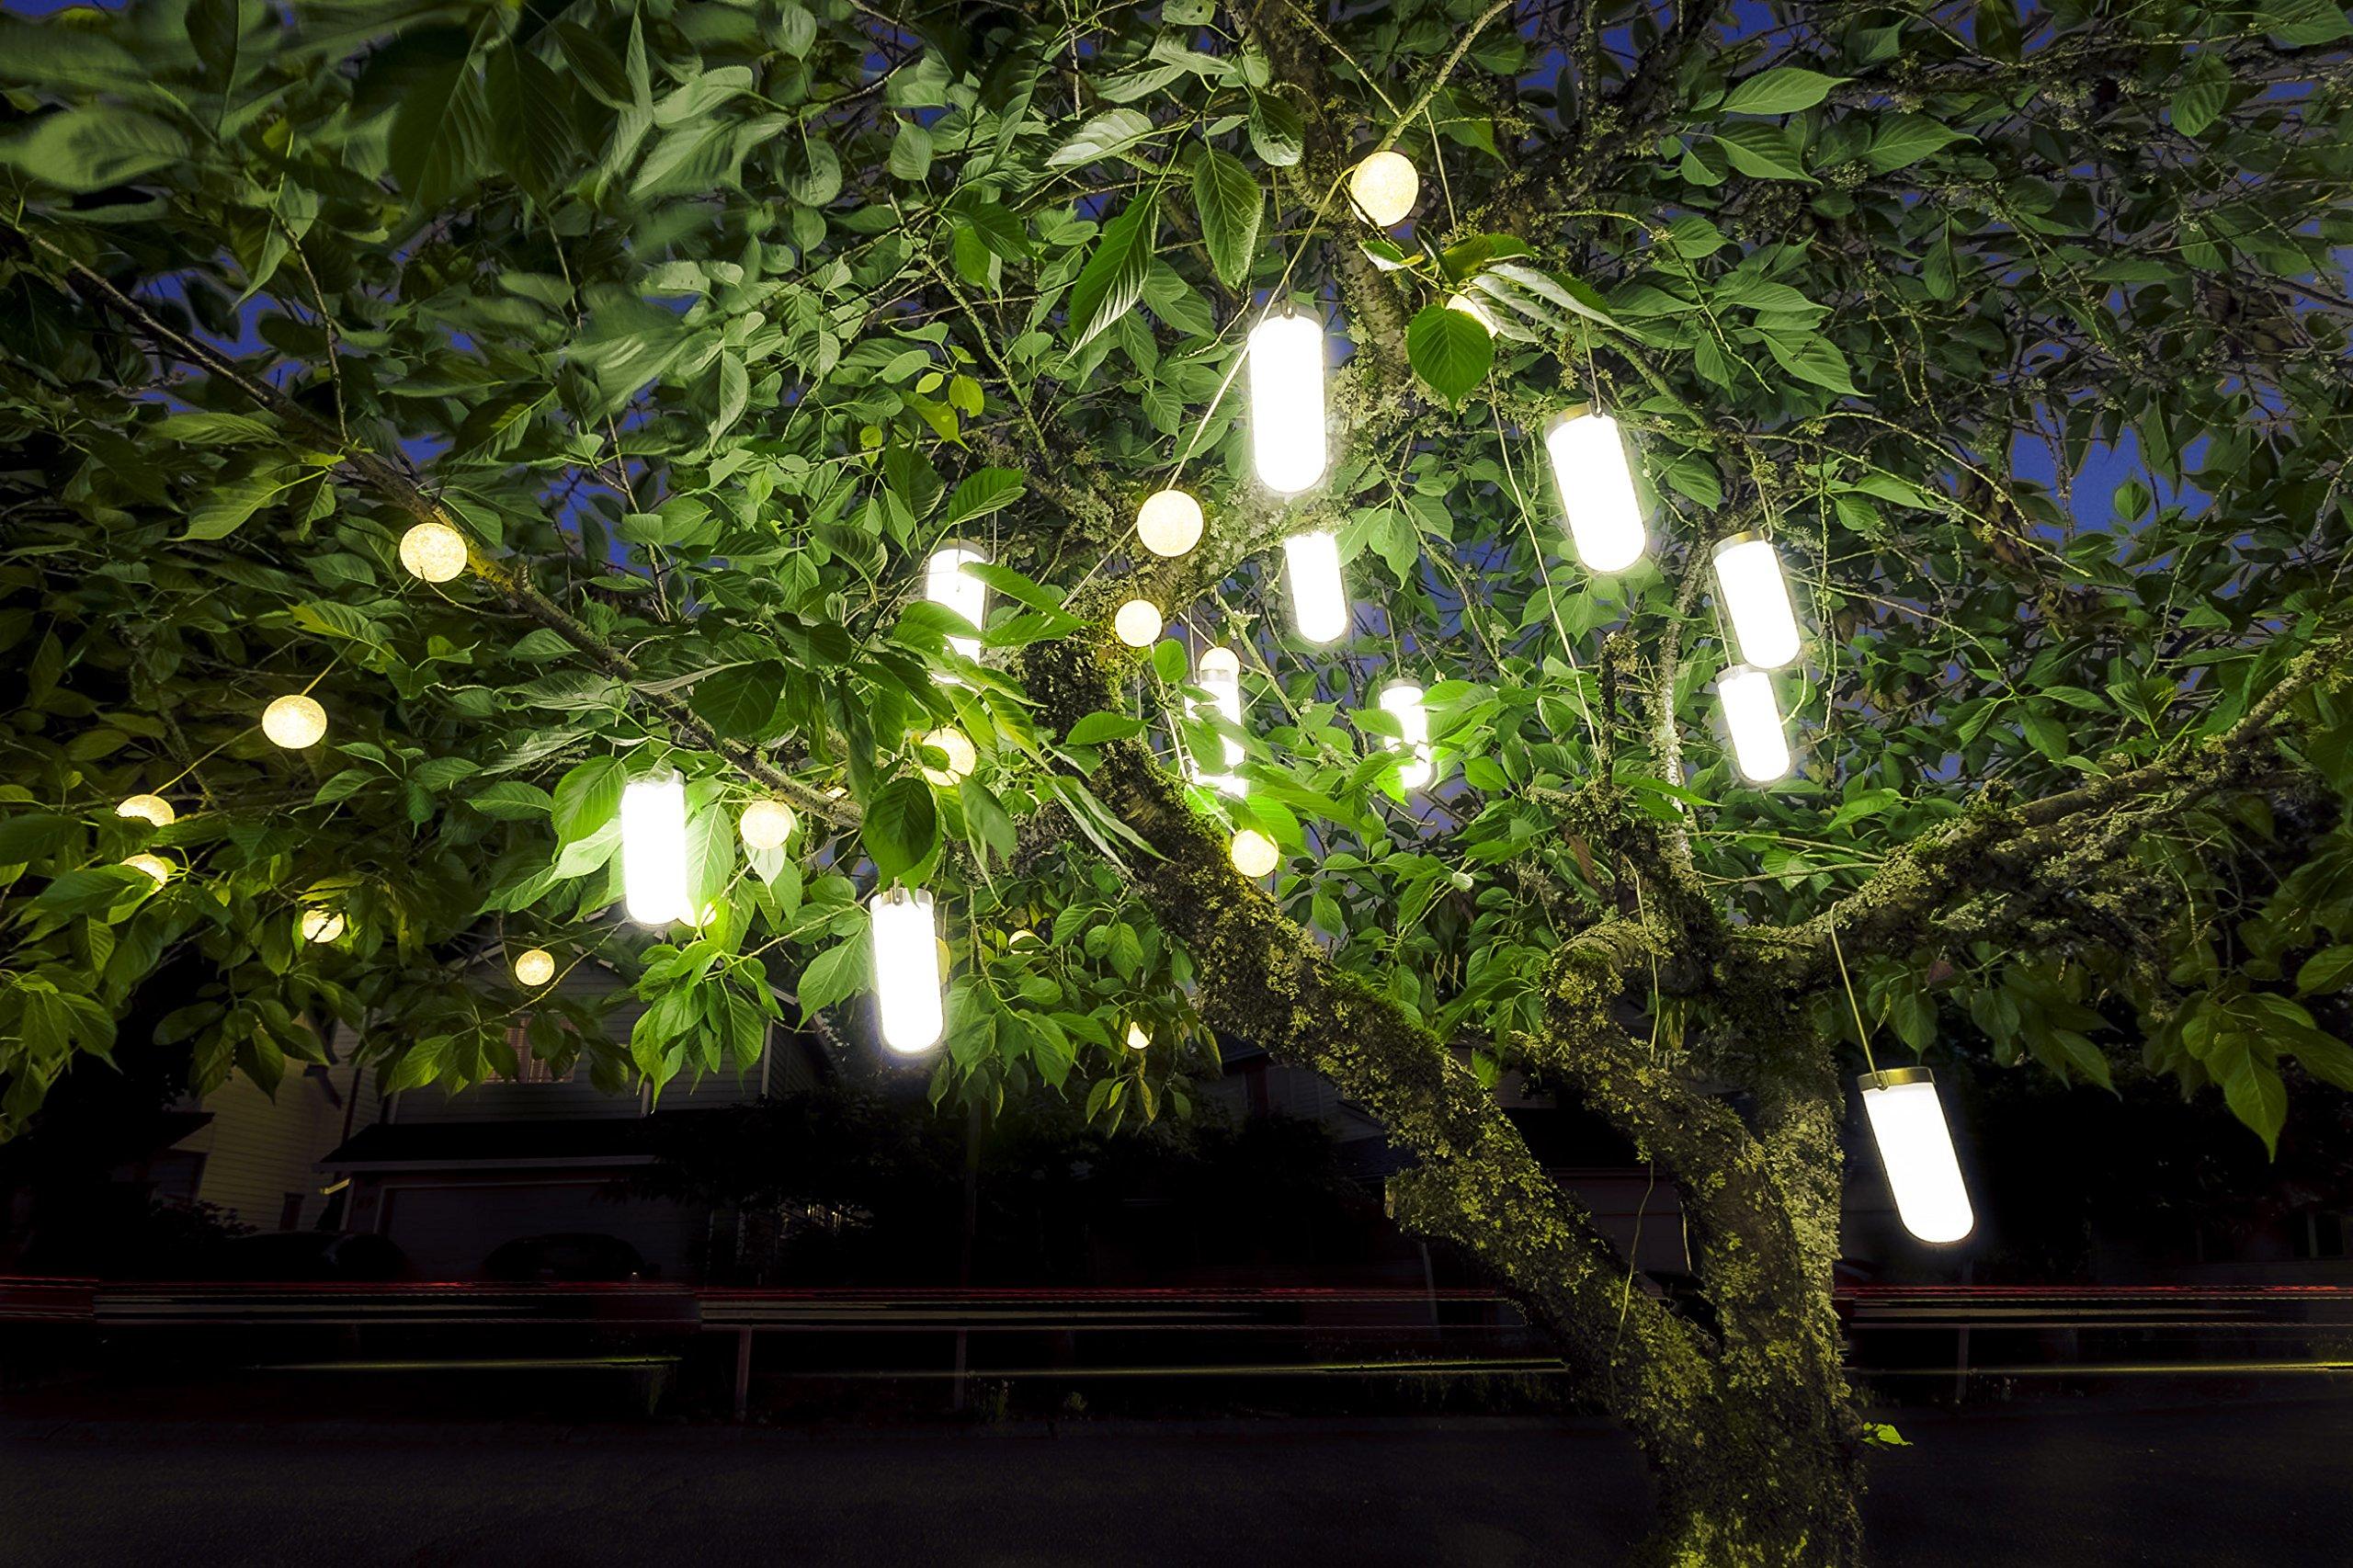 Hanging Solar Garden Tree Light - Waterproof Solar Lights, Solar Tree Lighting - SET OF TWO (2) Lights